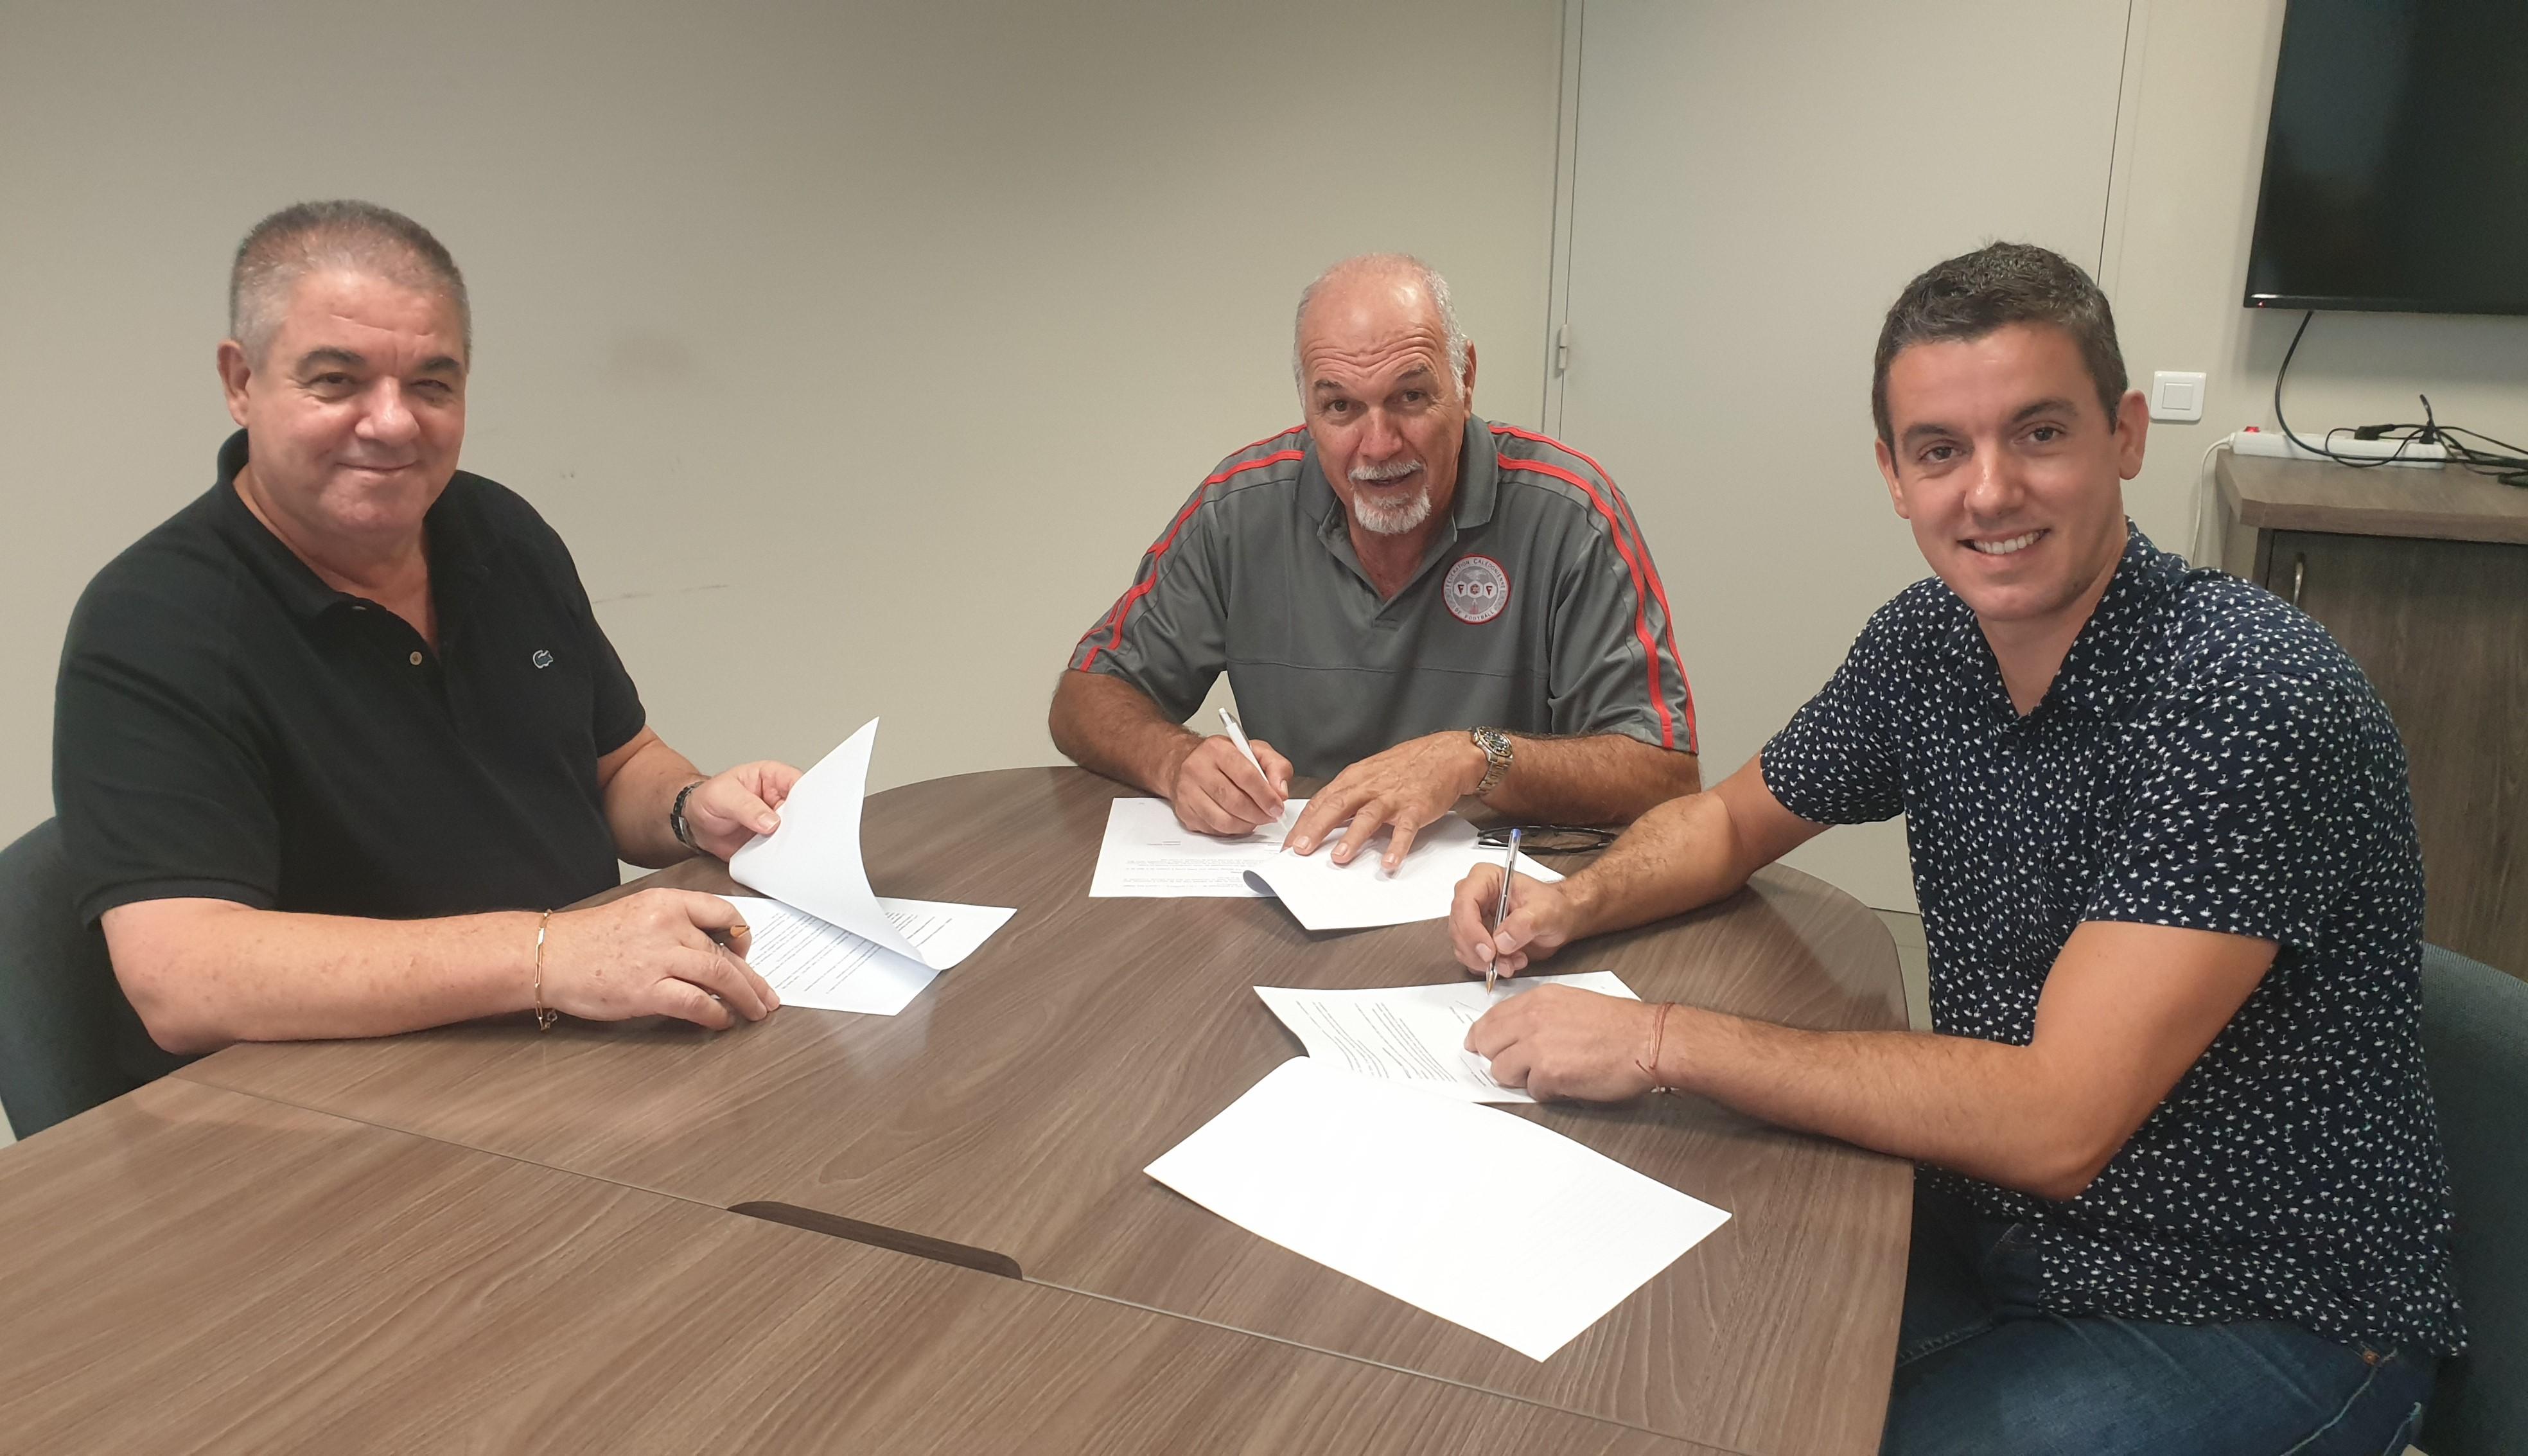 Jean-Marc et Jérôme ESPALIEU (à gauche et à droite), accompagné de Gilles TAVERGEUX (au centre), ont signé officiellement - ce jeudi - la convention associant KORAIL à la FCF.